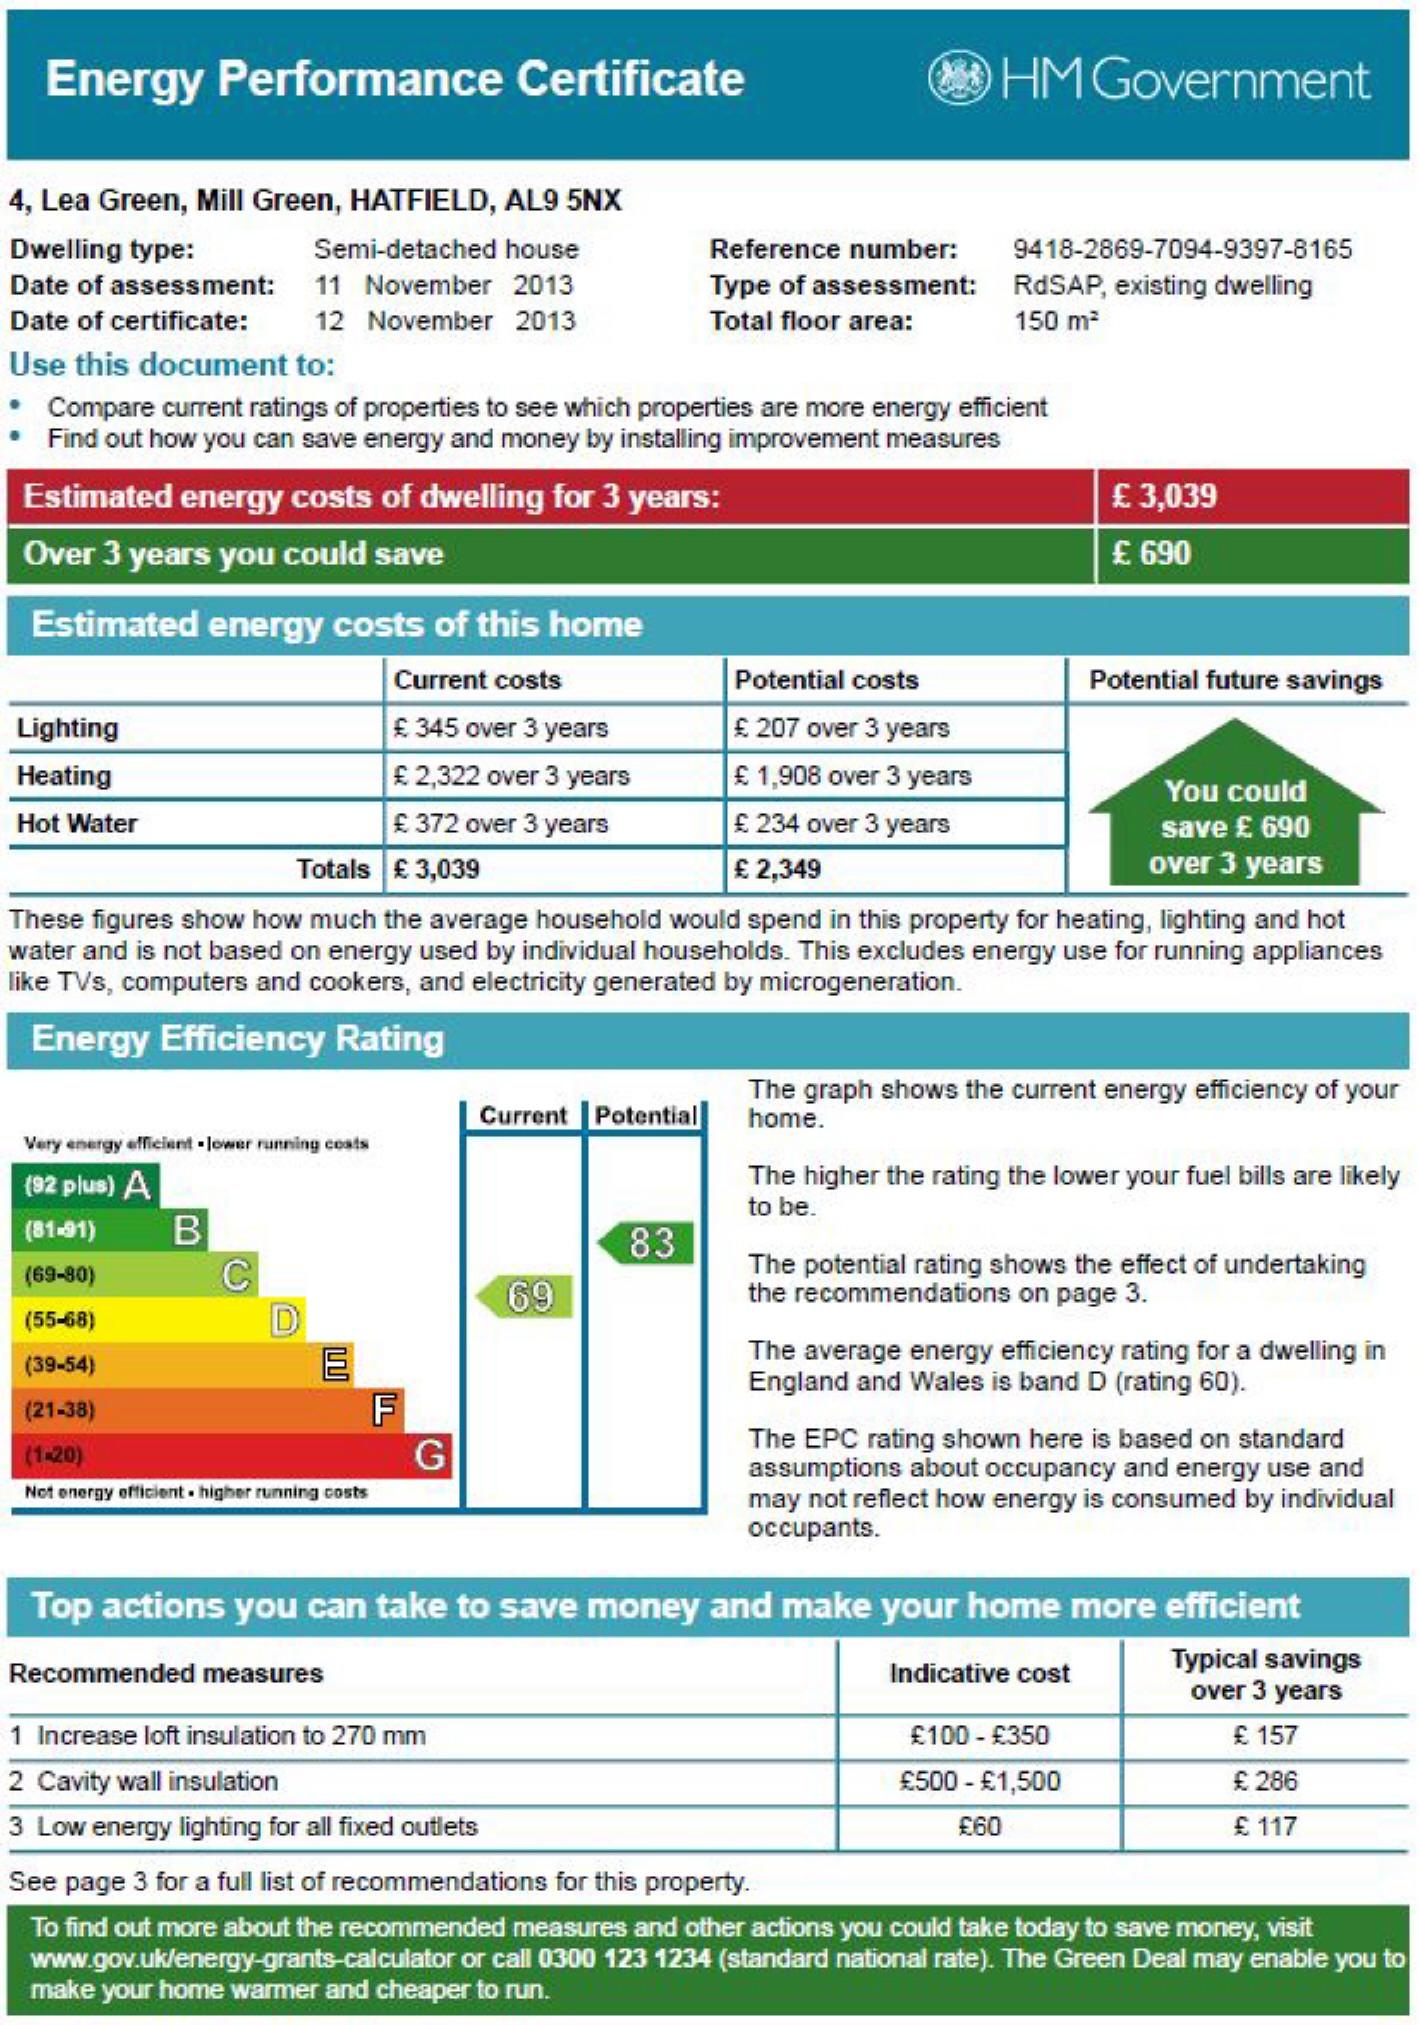 EPC Graph for Lea Green, Mill Green, Hatfield